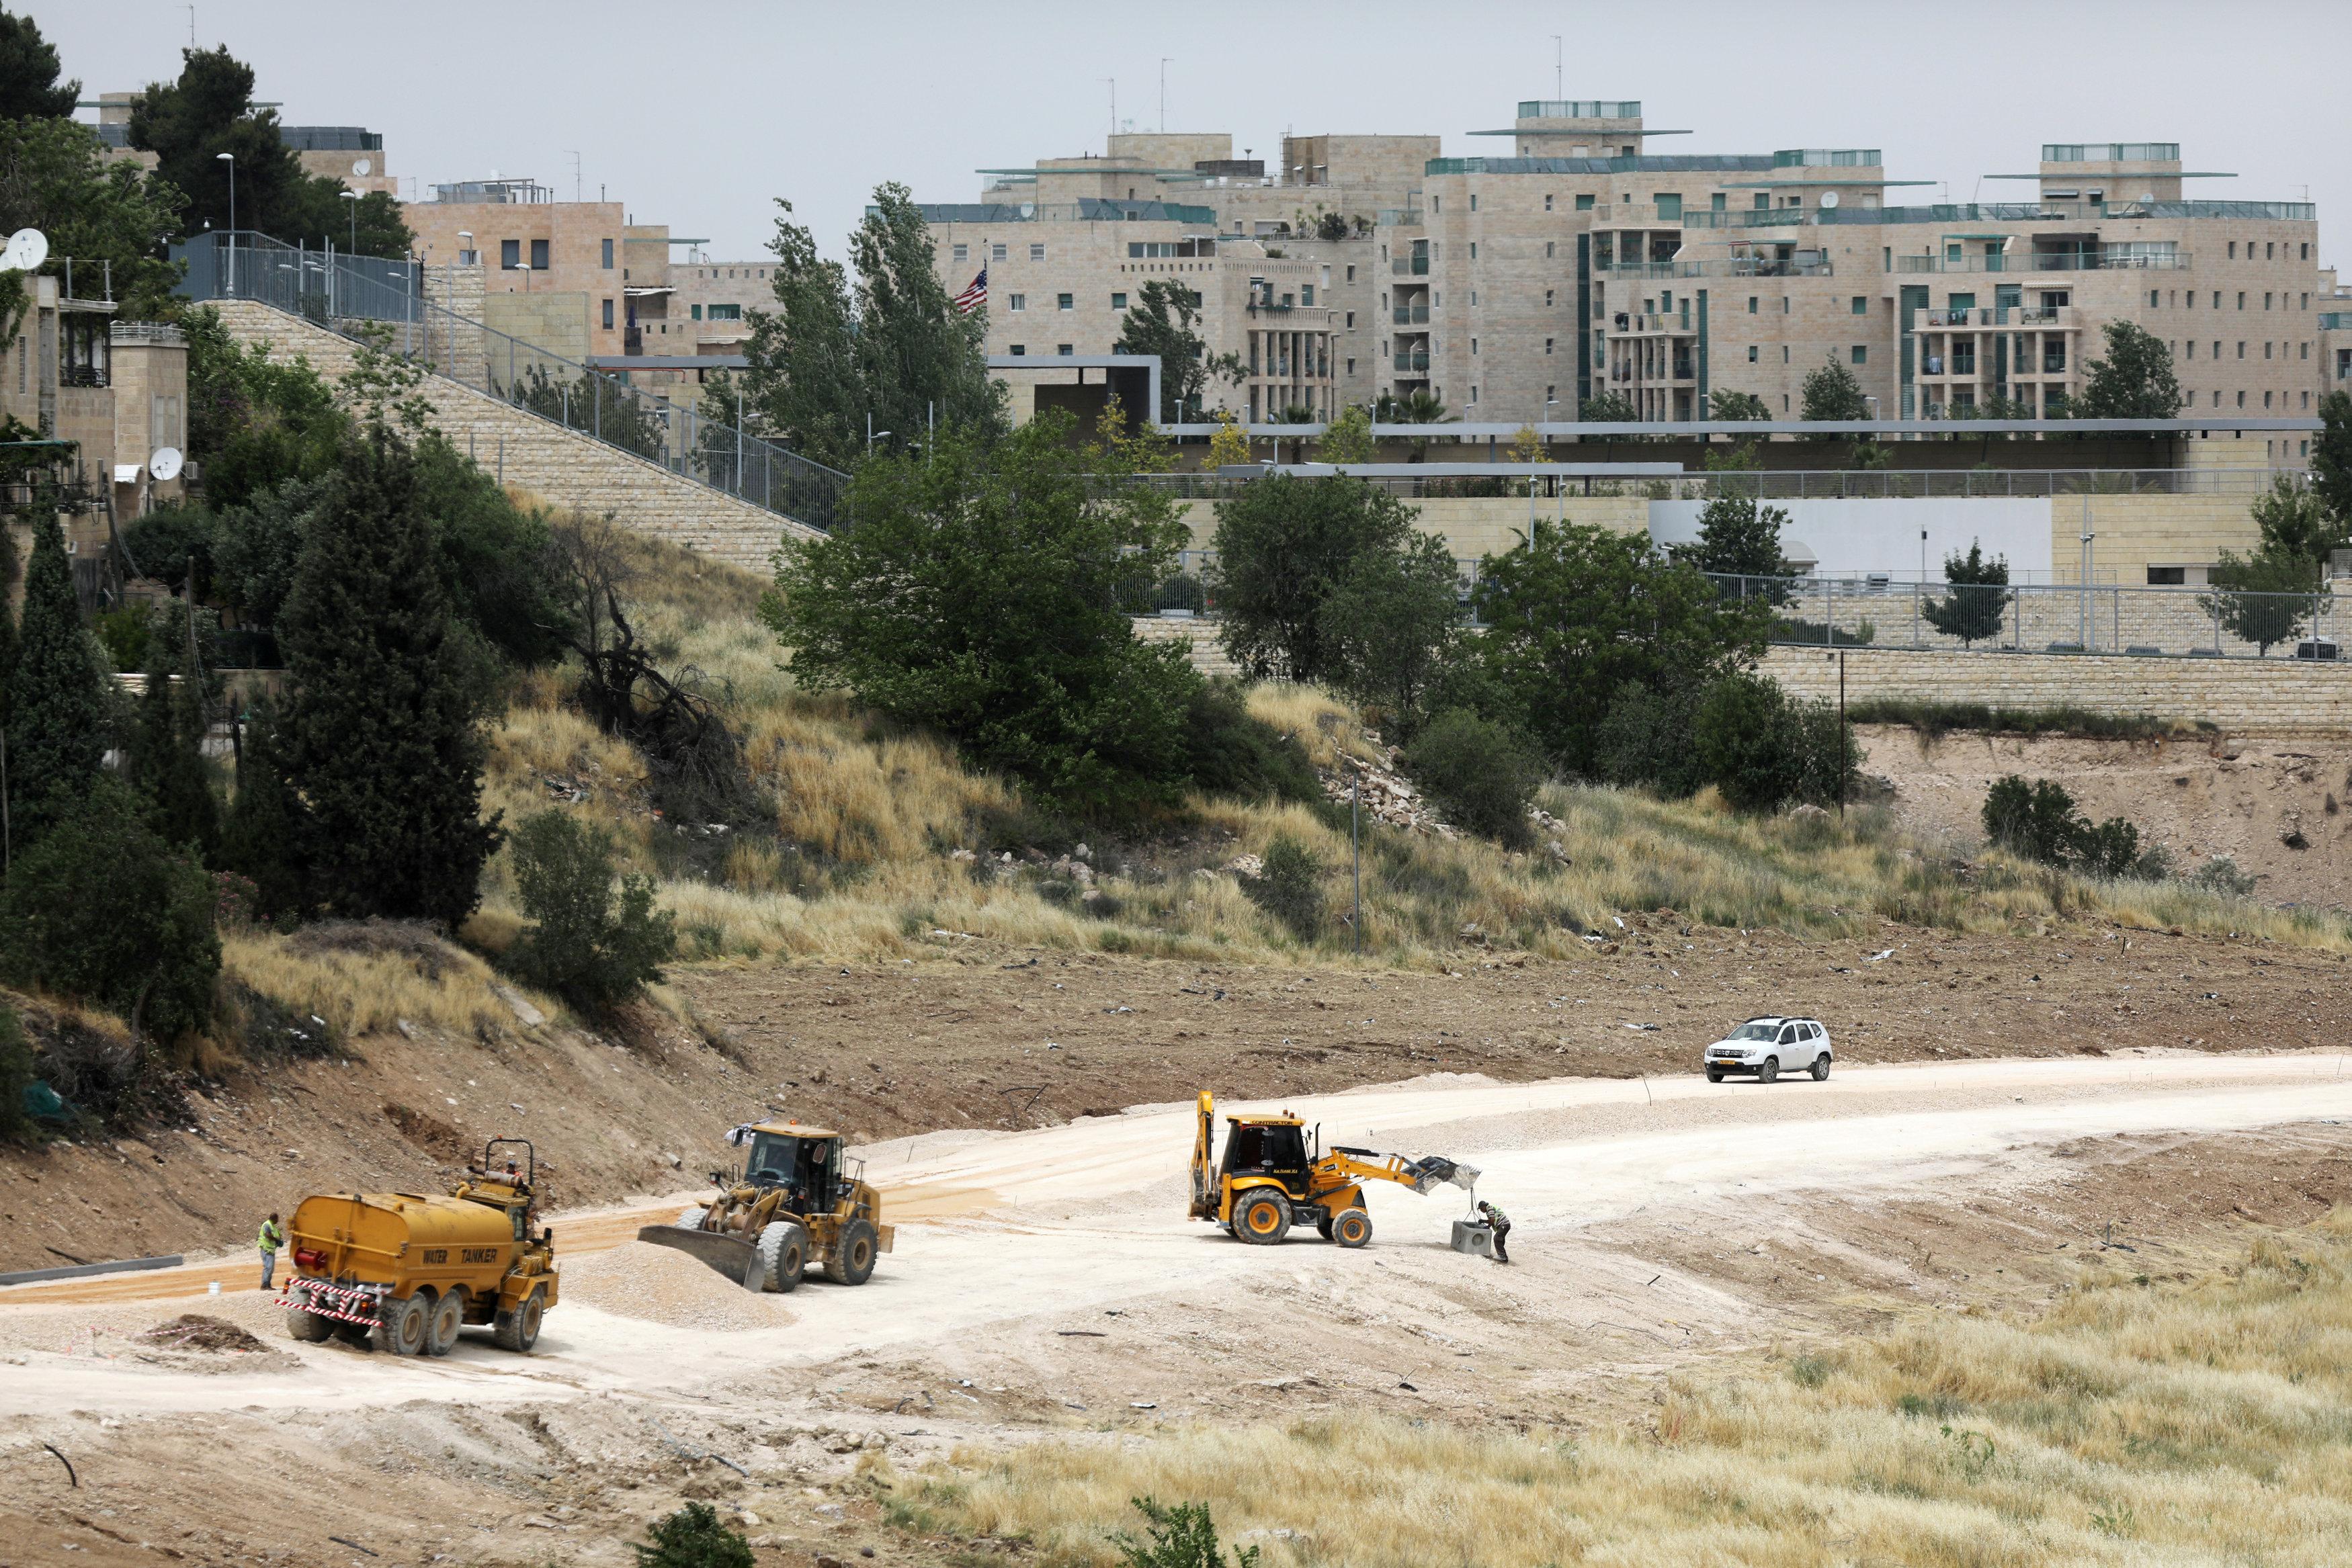 La construcción continúa en el ex predio consular estadounidense transformado en embajada (Reuters)